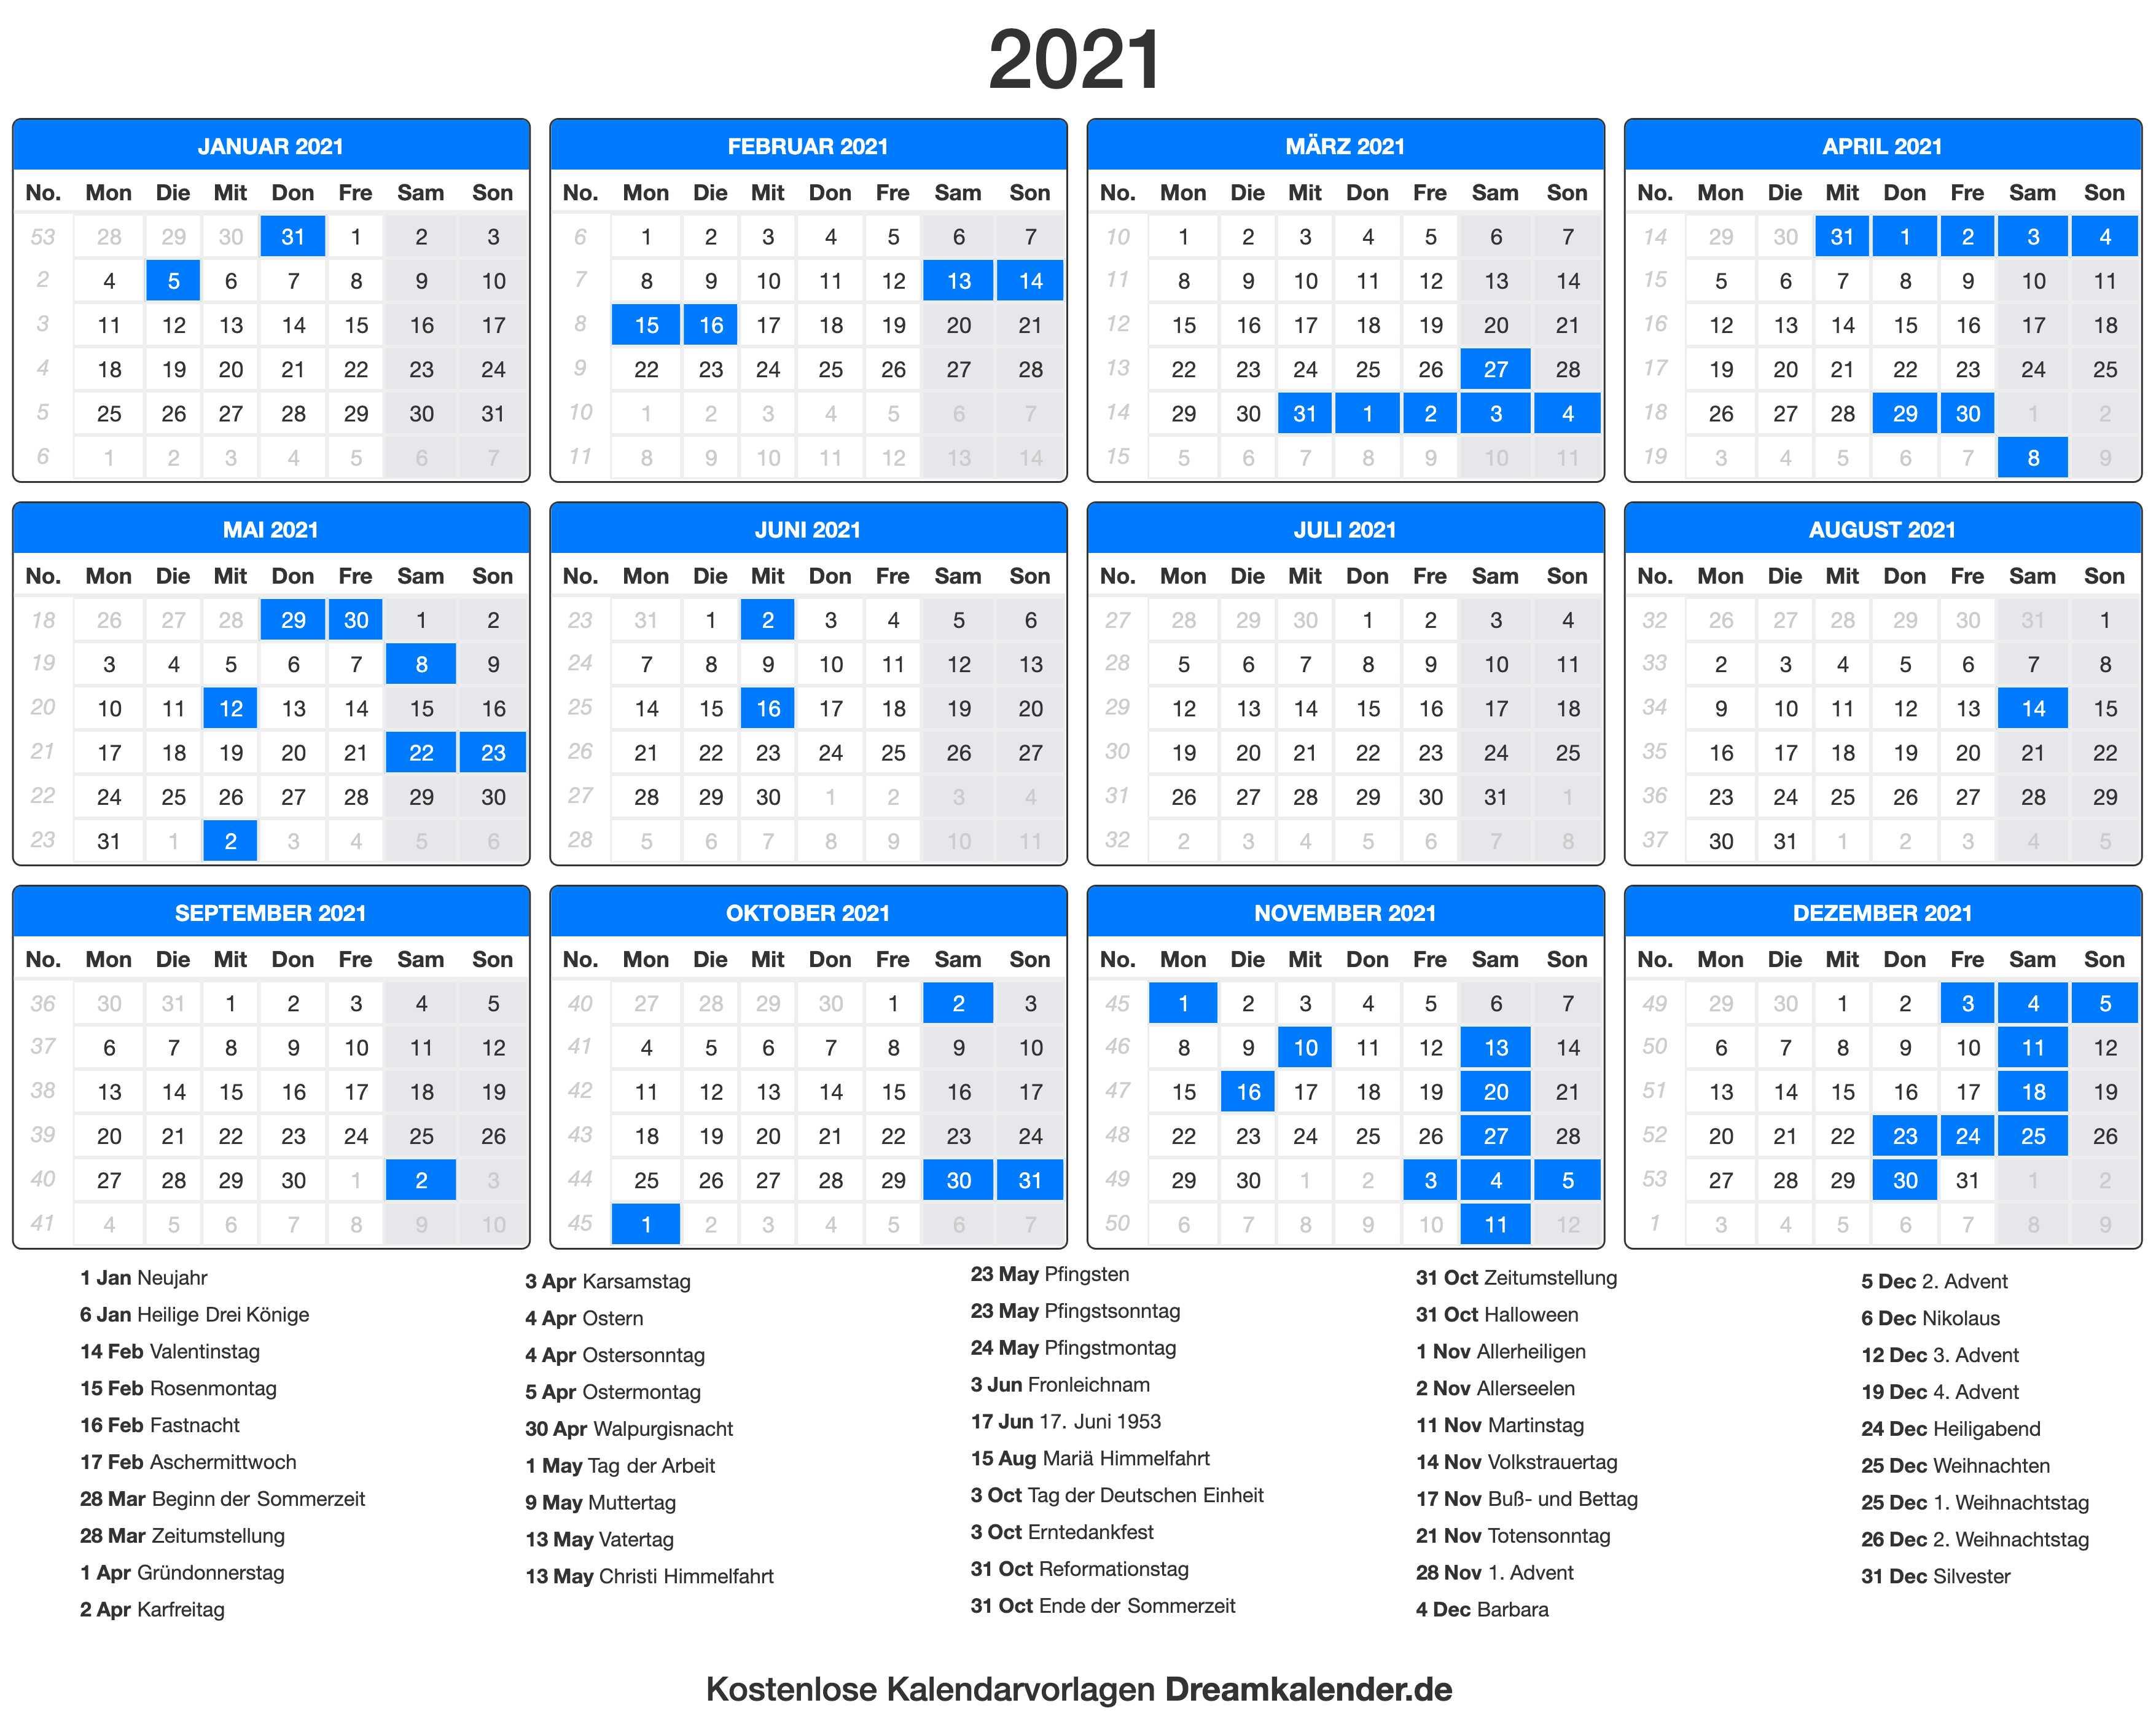 Aschermittwoch 2021